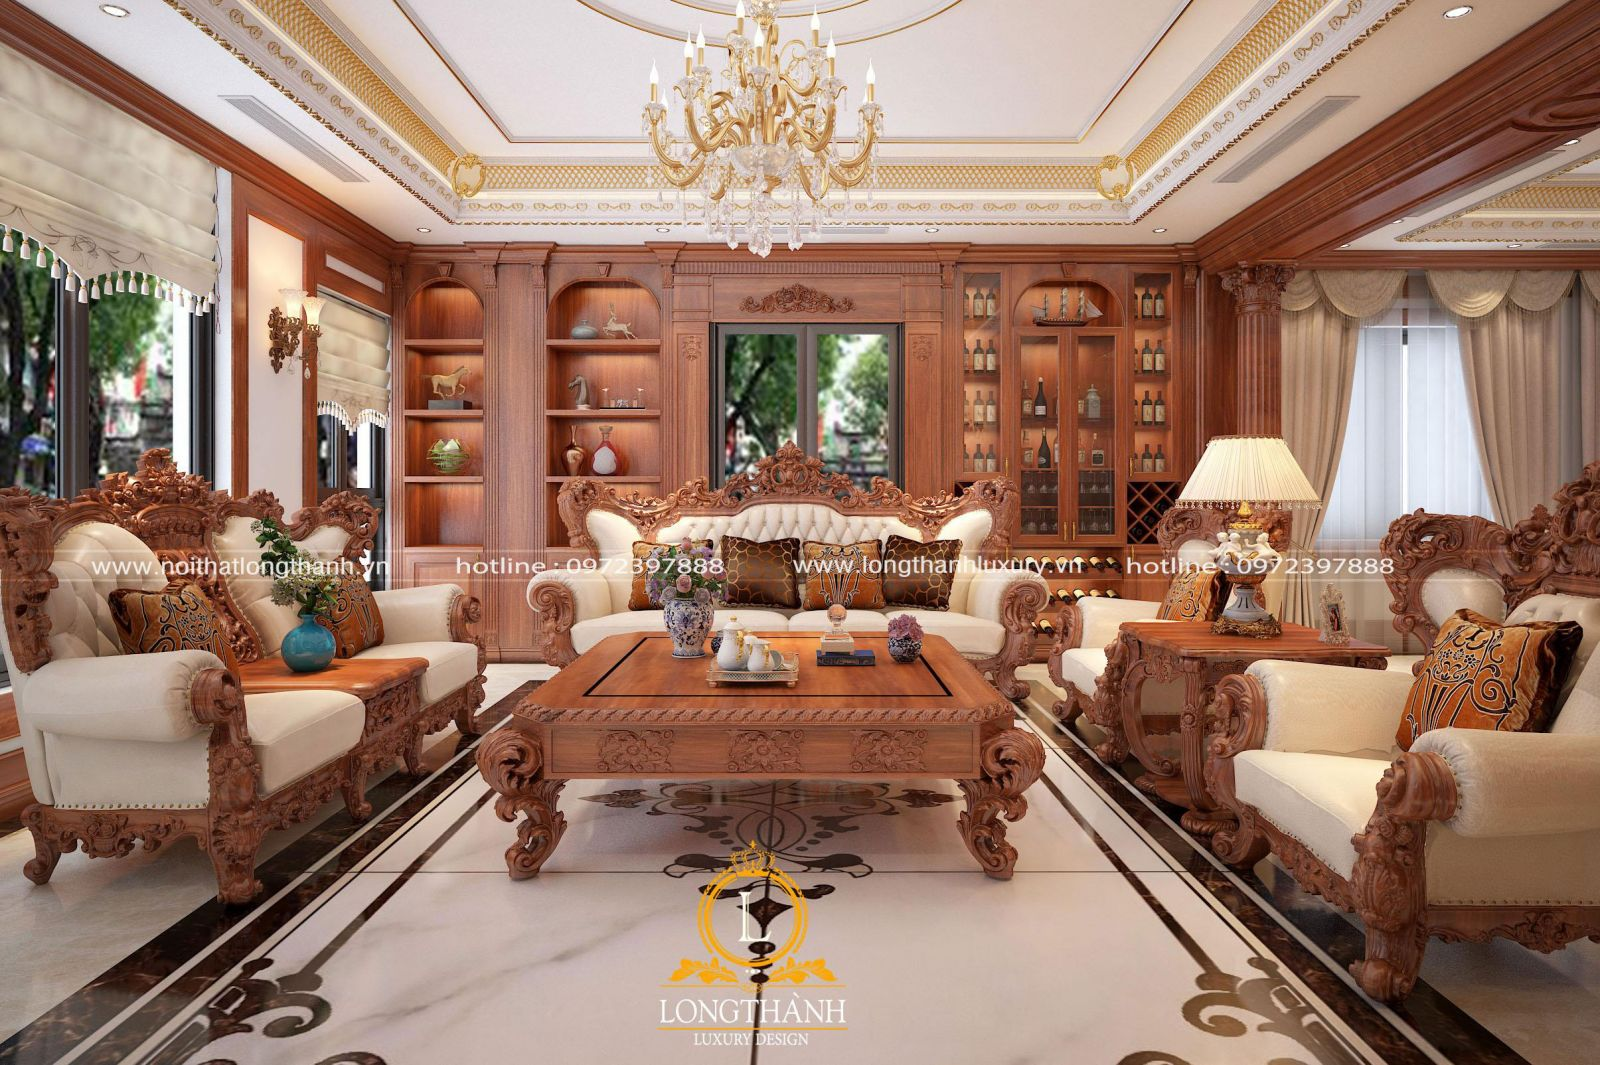 Nét đẹp kiêu sa, lộng lẫy và tinh tế được ấn chứa trong bộ bàn ghế sofa tân cổ điển